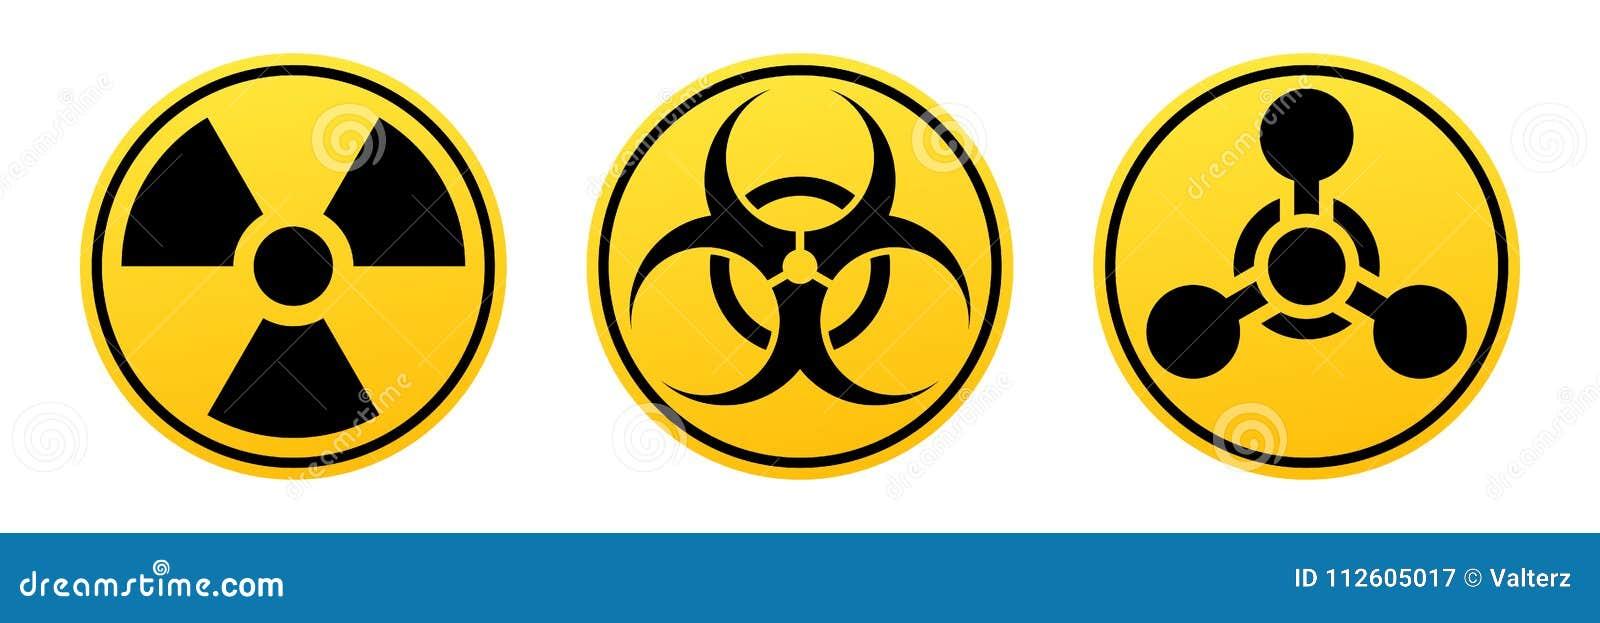 Faravektortecken Utstrålningstecknet, Biohazardtecknet, kemiska vapen undertecknar